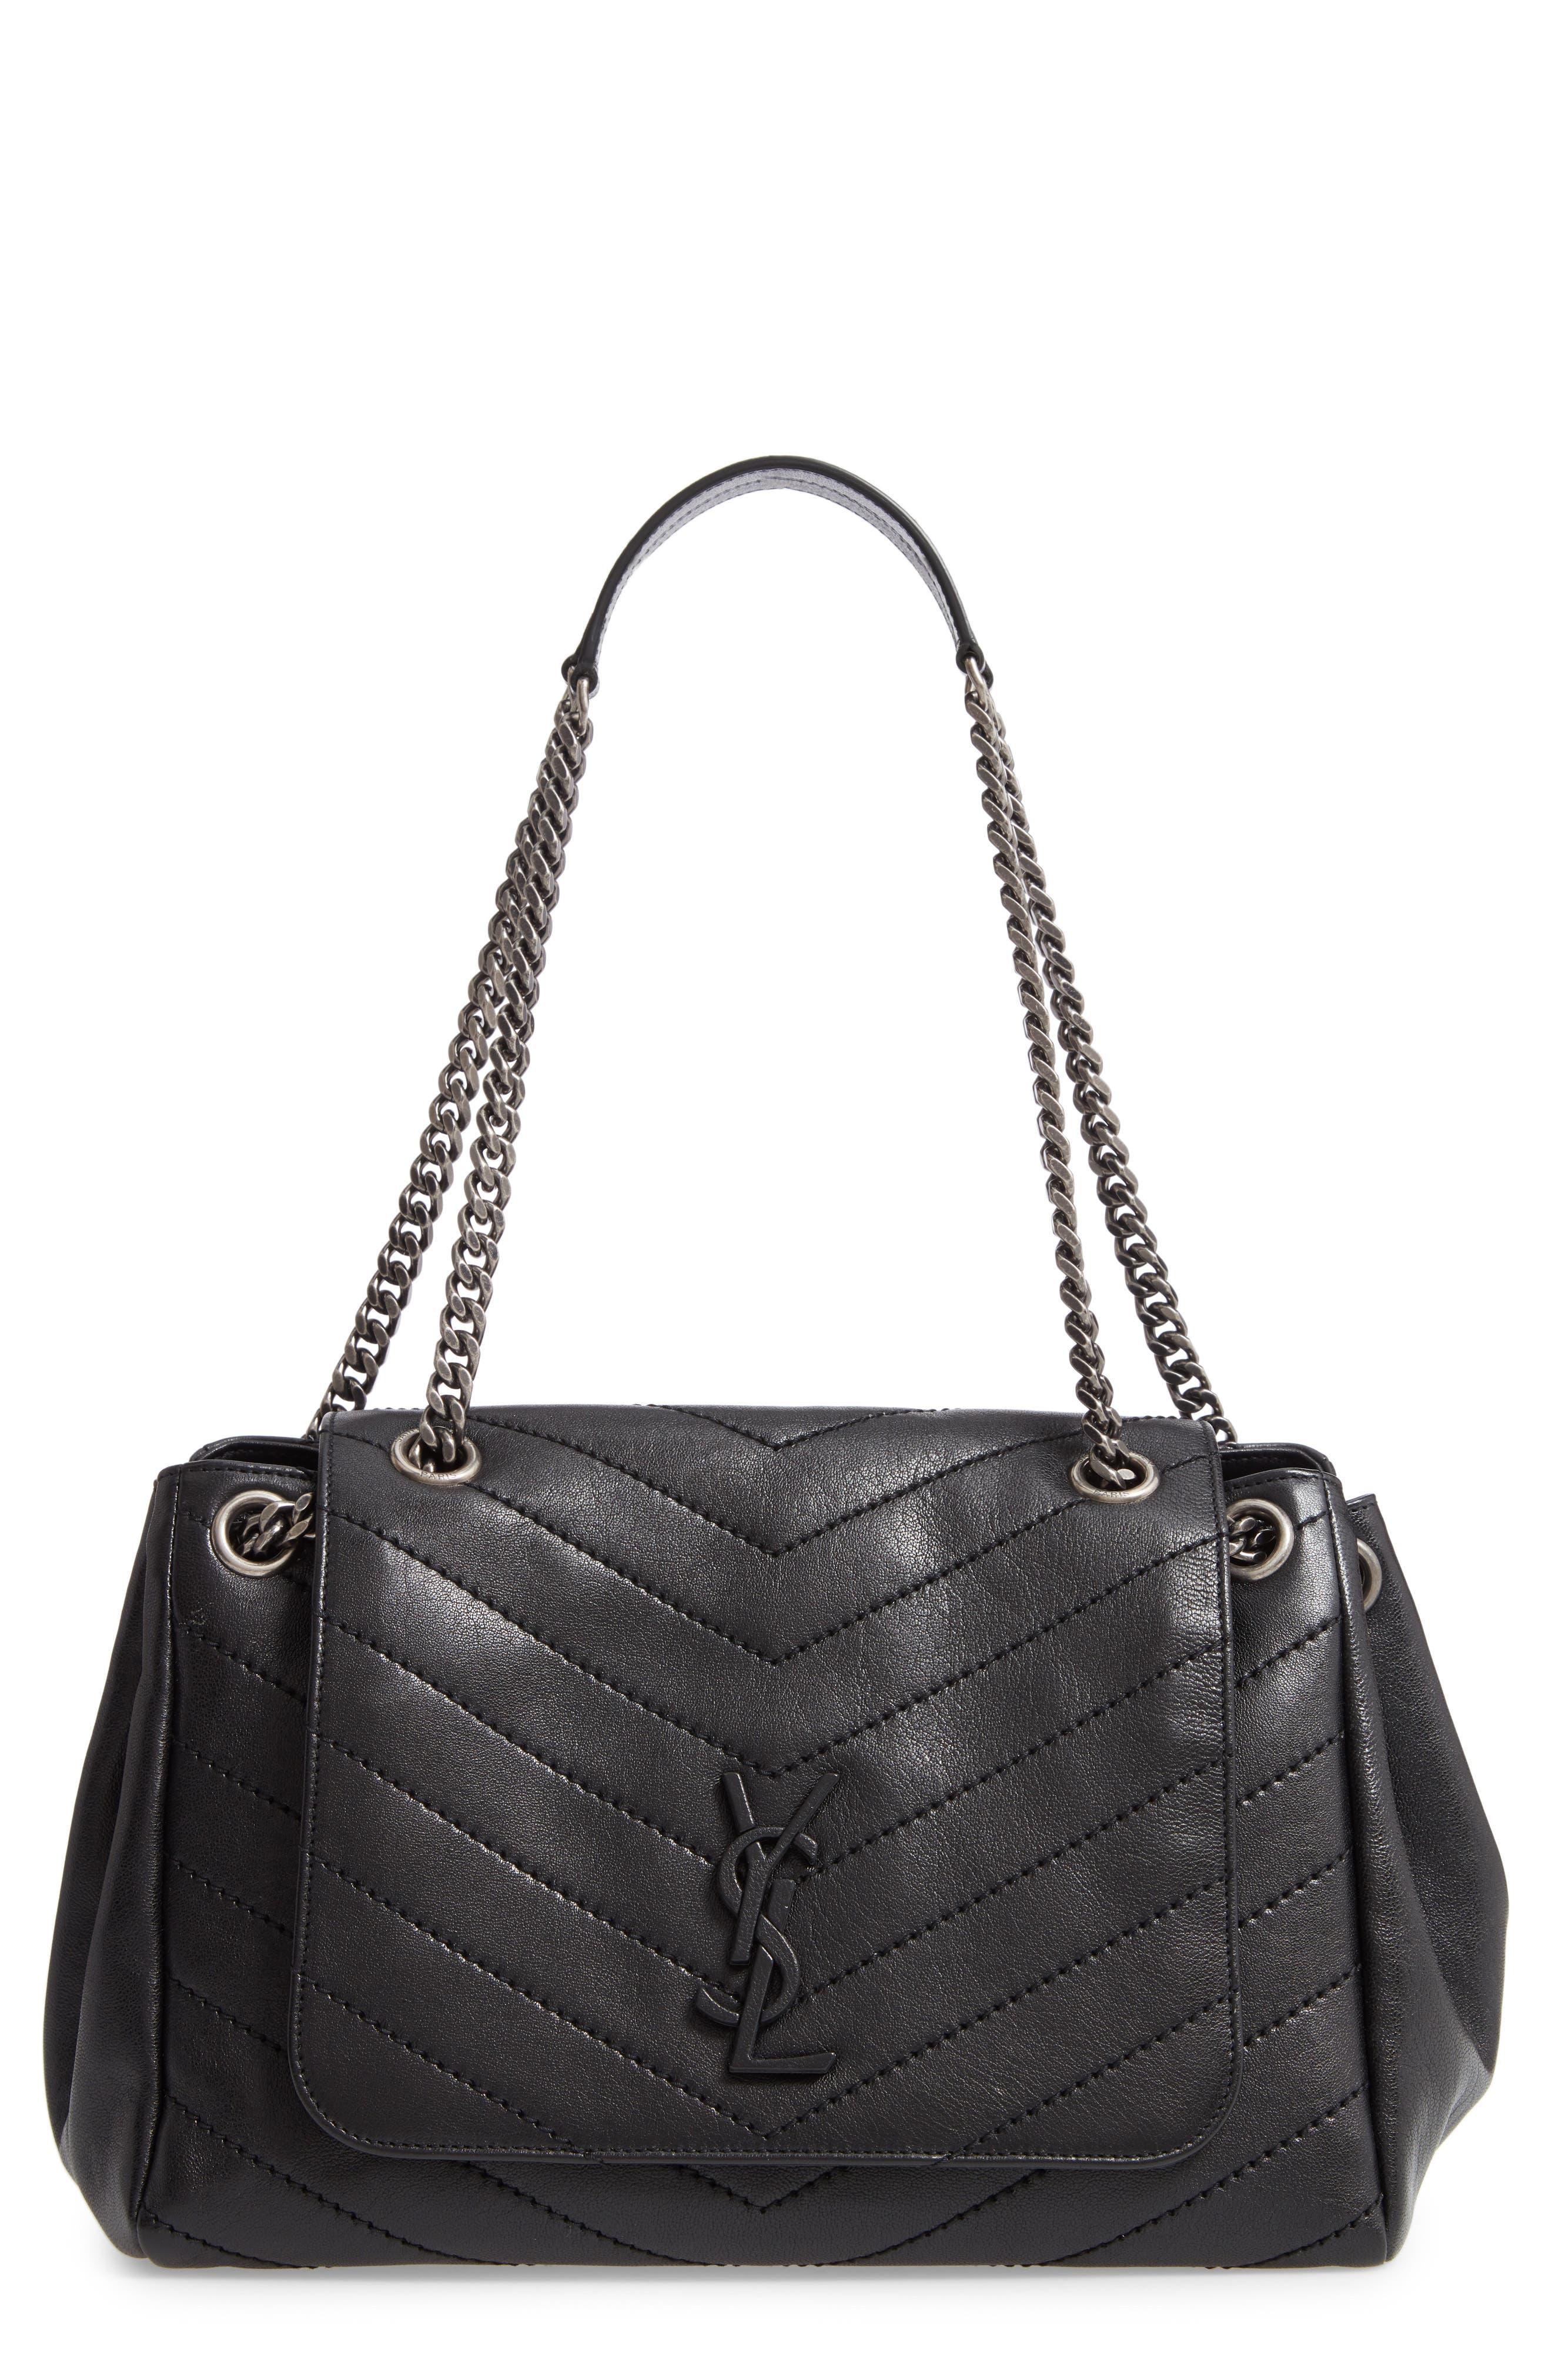 Nolita Large Leather Shoulder Bag - Black in Noir